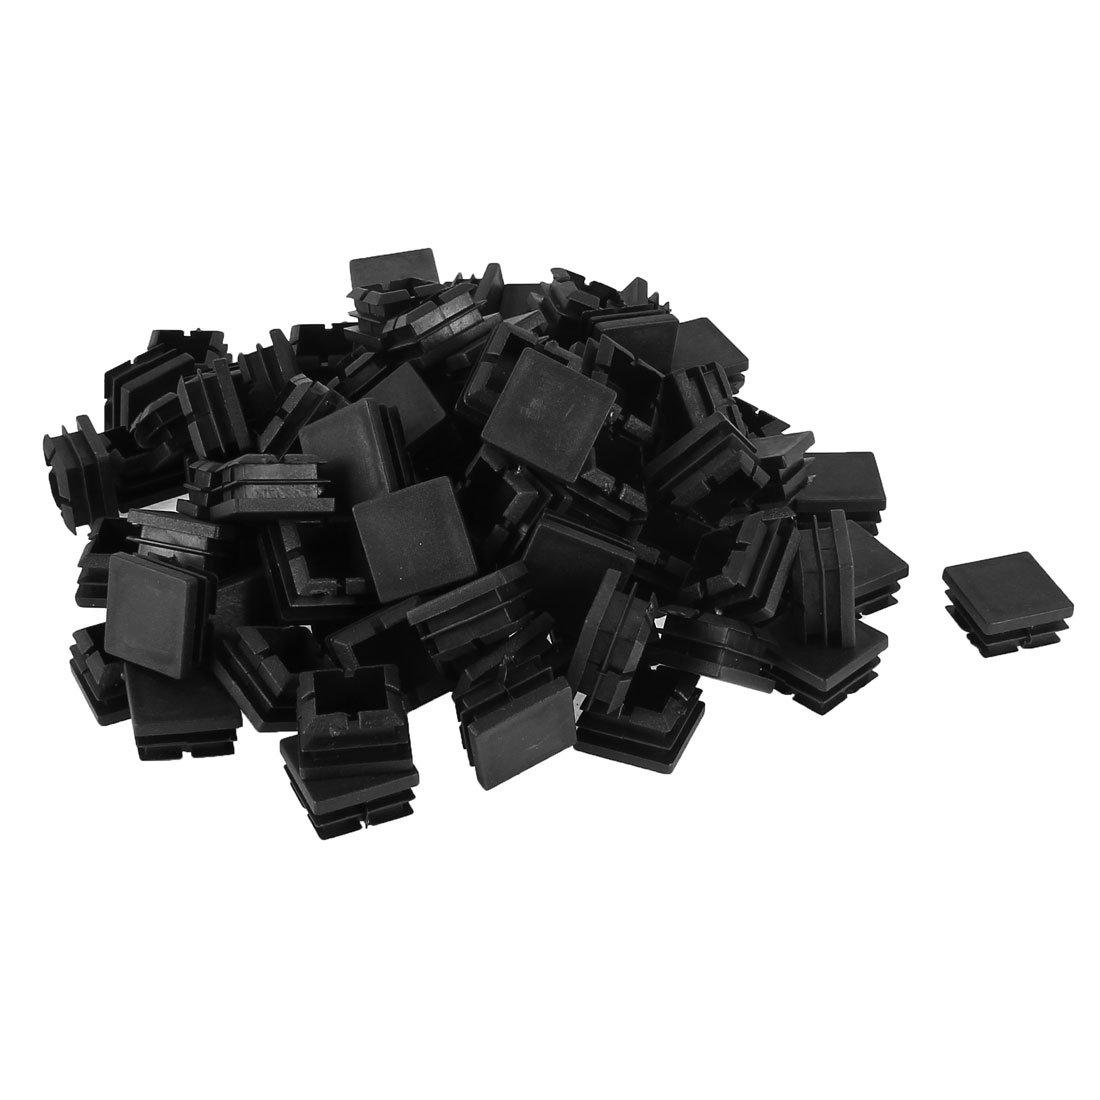 100 st ck 25mmx25mm kunststoffrohr endekappen pfropfen schl uche vierkantrohr de jetzt bestellen. Black Bedroom Furniture Sets. Home Design Ideas